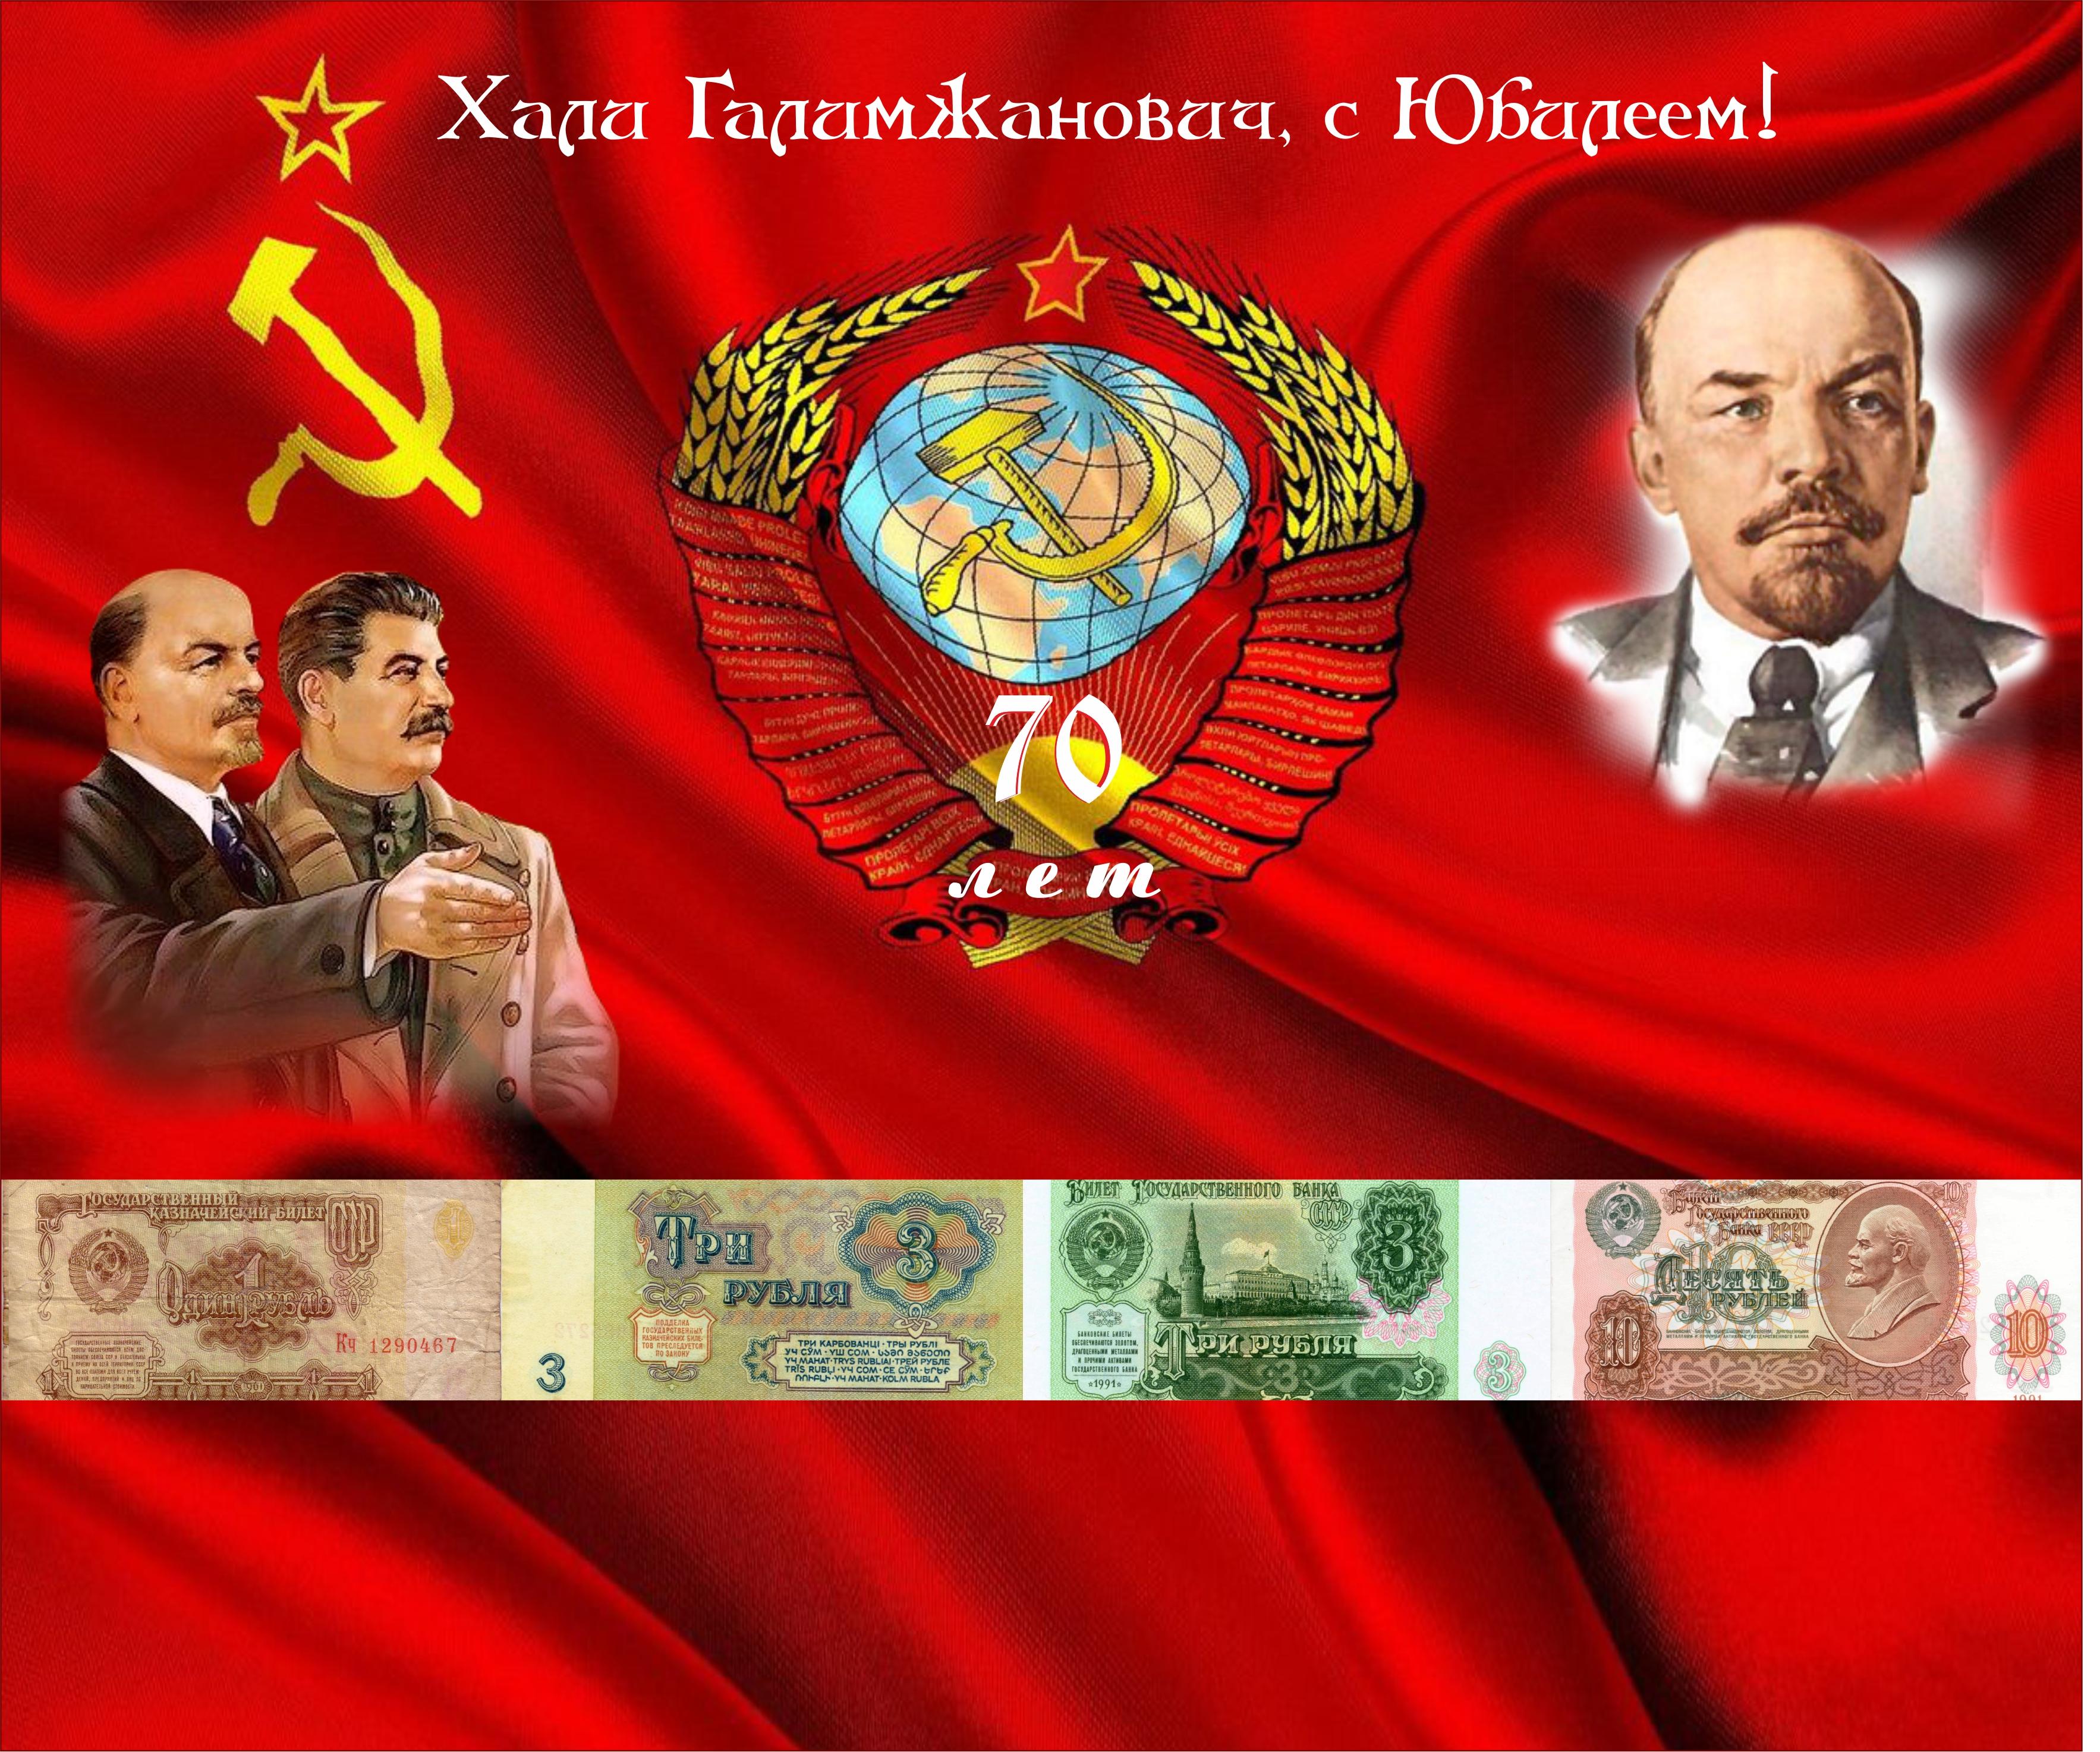 пресс_стена_советская_тематика.jpg